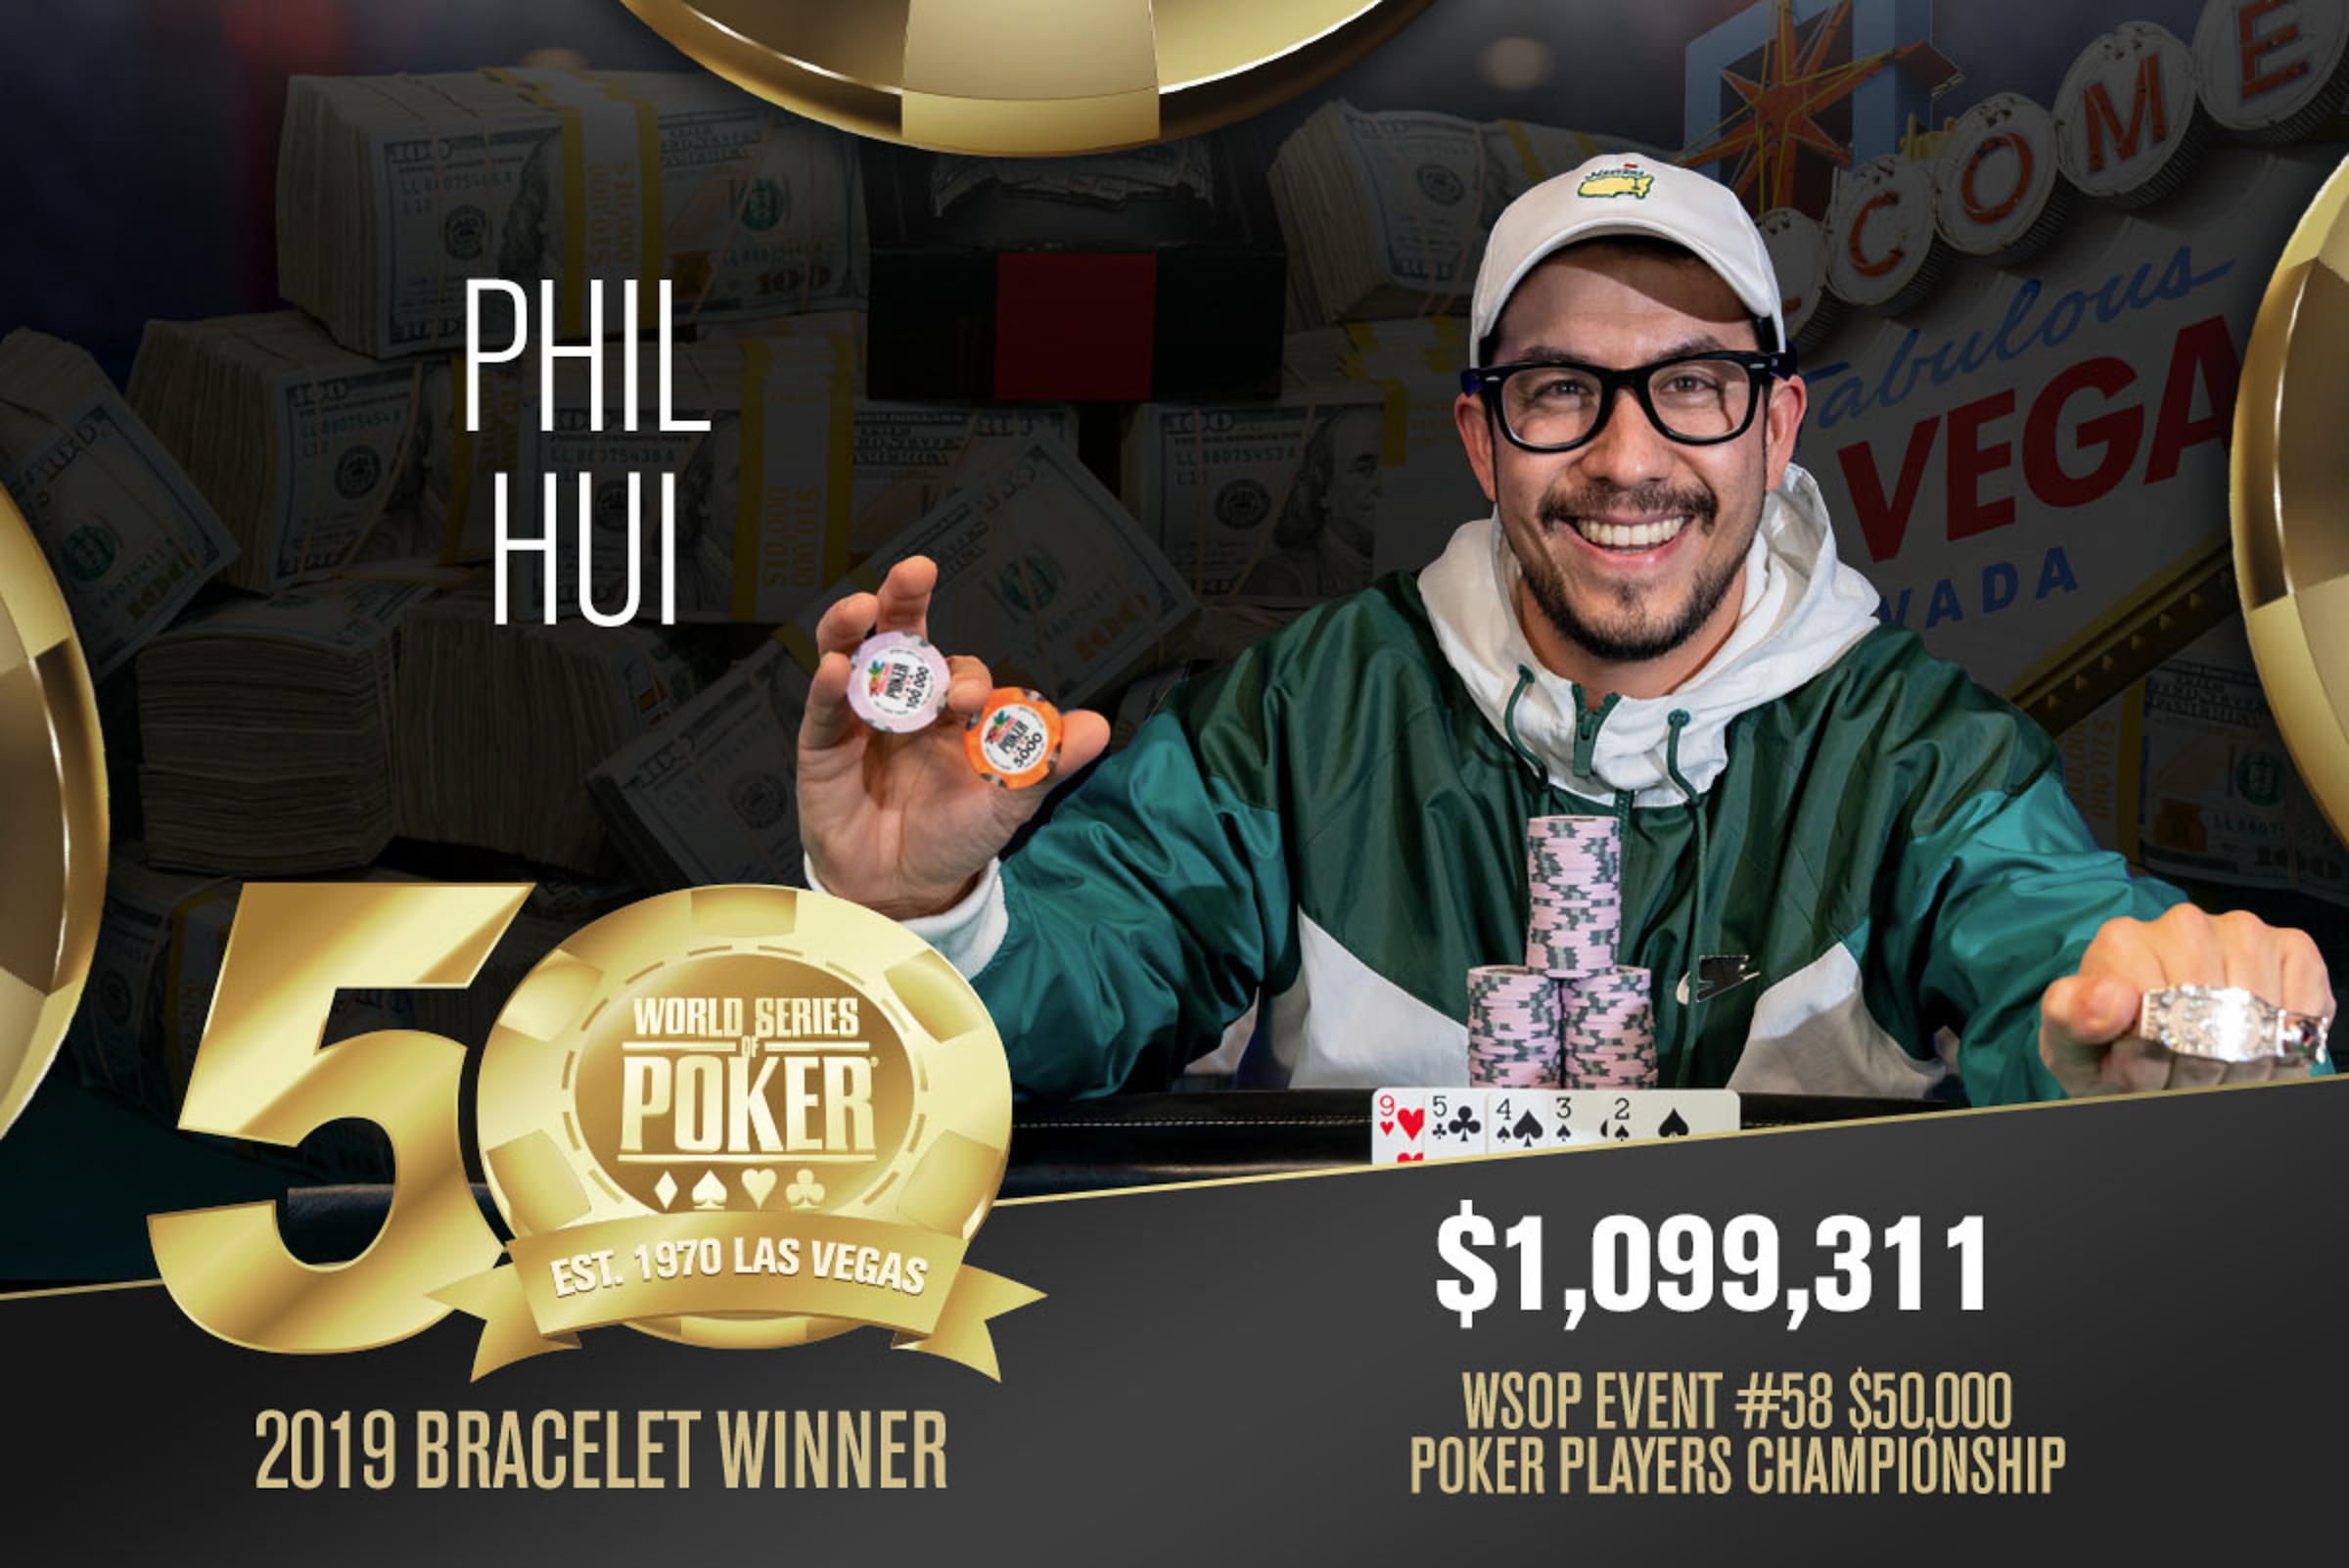 Phillip Hui